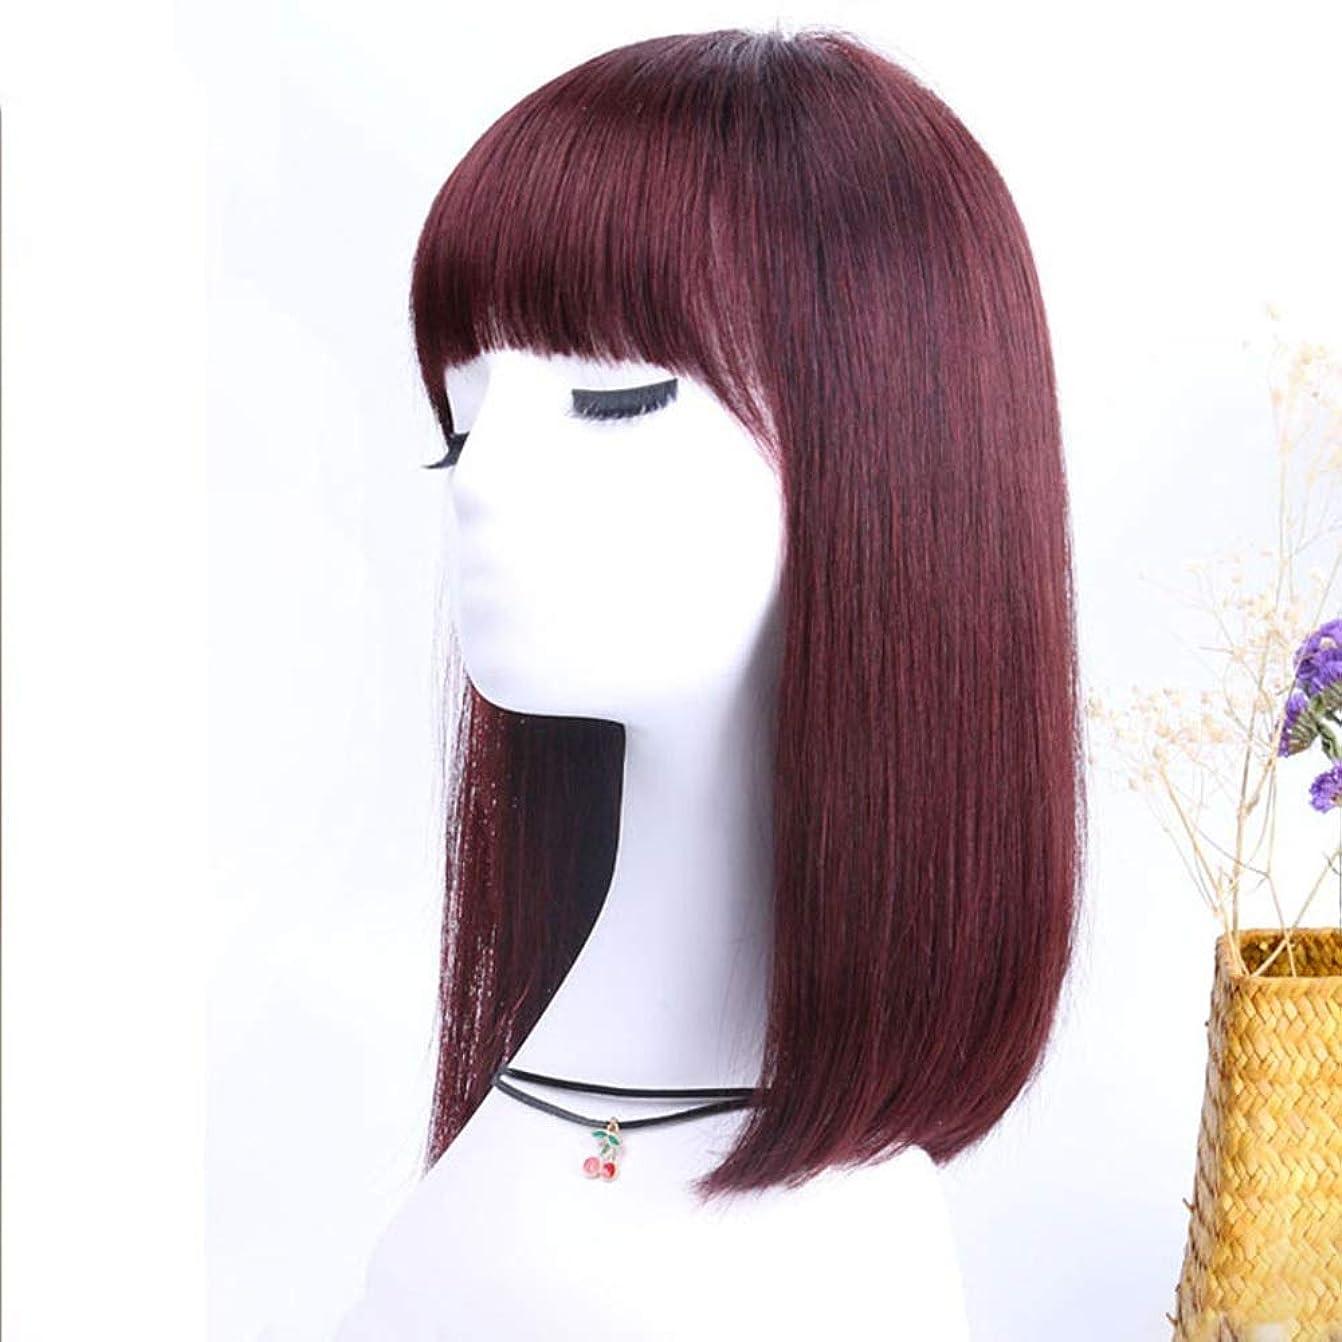 ロケーション蒸留する最初HOHYLLYA 本物の人間の髪の毛のかつらかつら肩ストレートインサイドバックルペアーヘッド用女性パーティー日常服パーティーかつら (色 : Natural black)